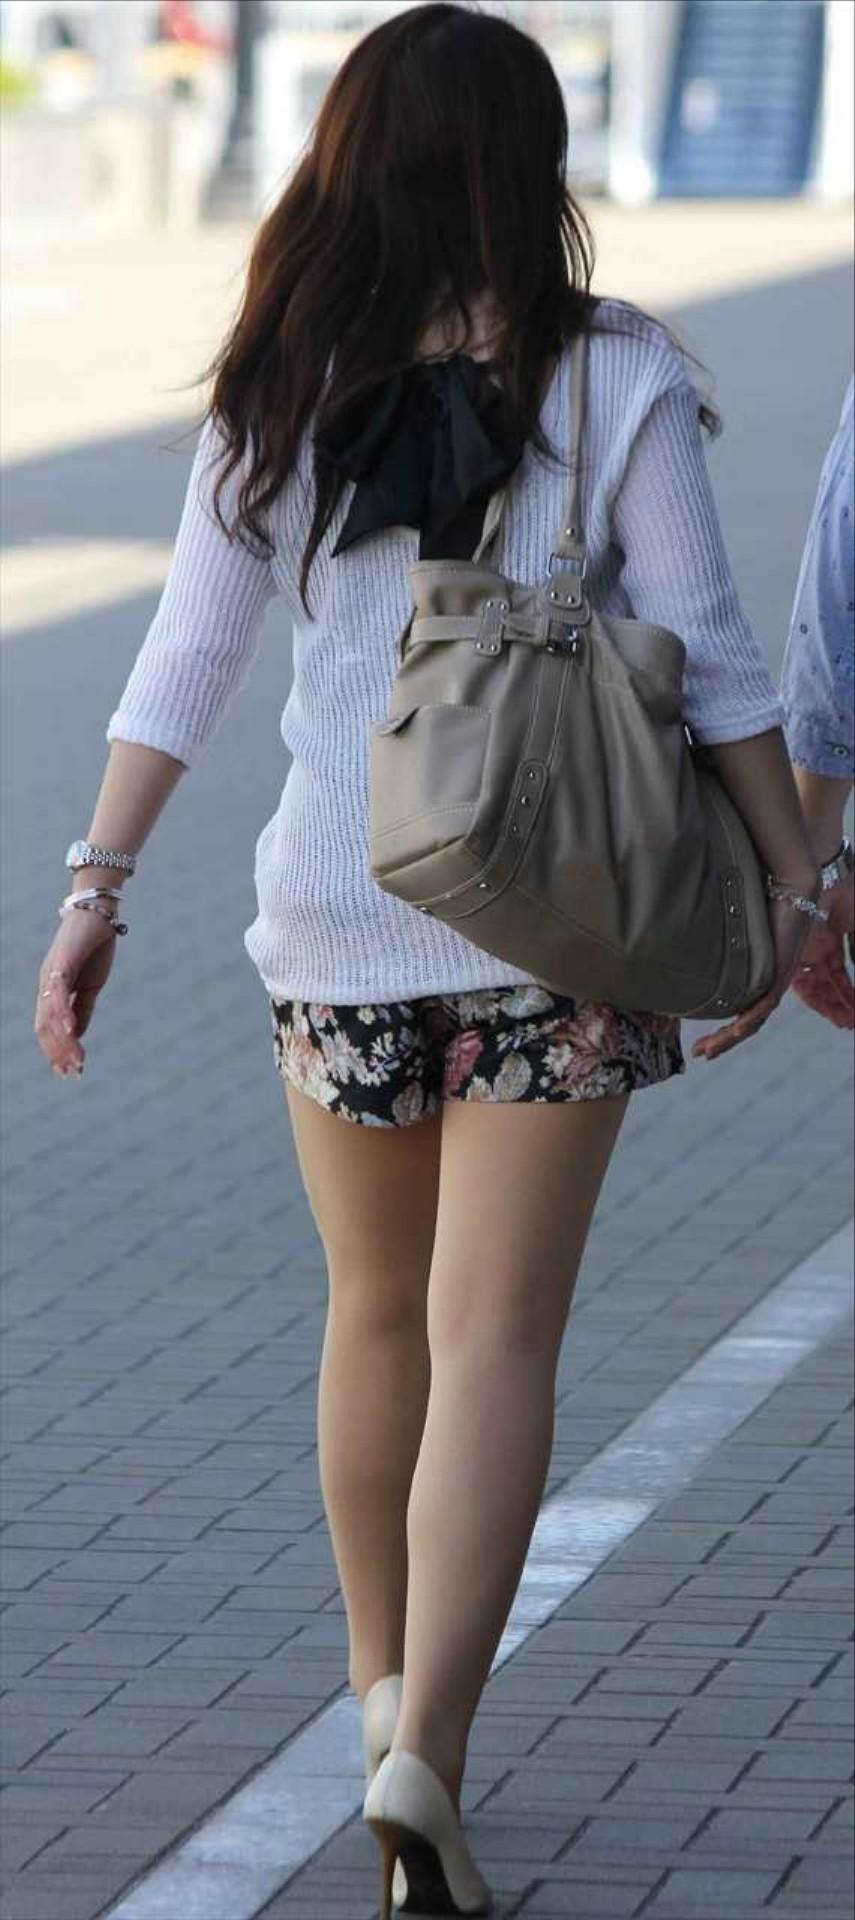 急に飛び込んでくる街中で見る美脚女子のエロ画像33枚・23枚目の画像